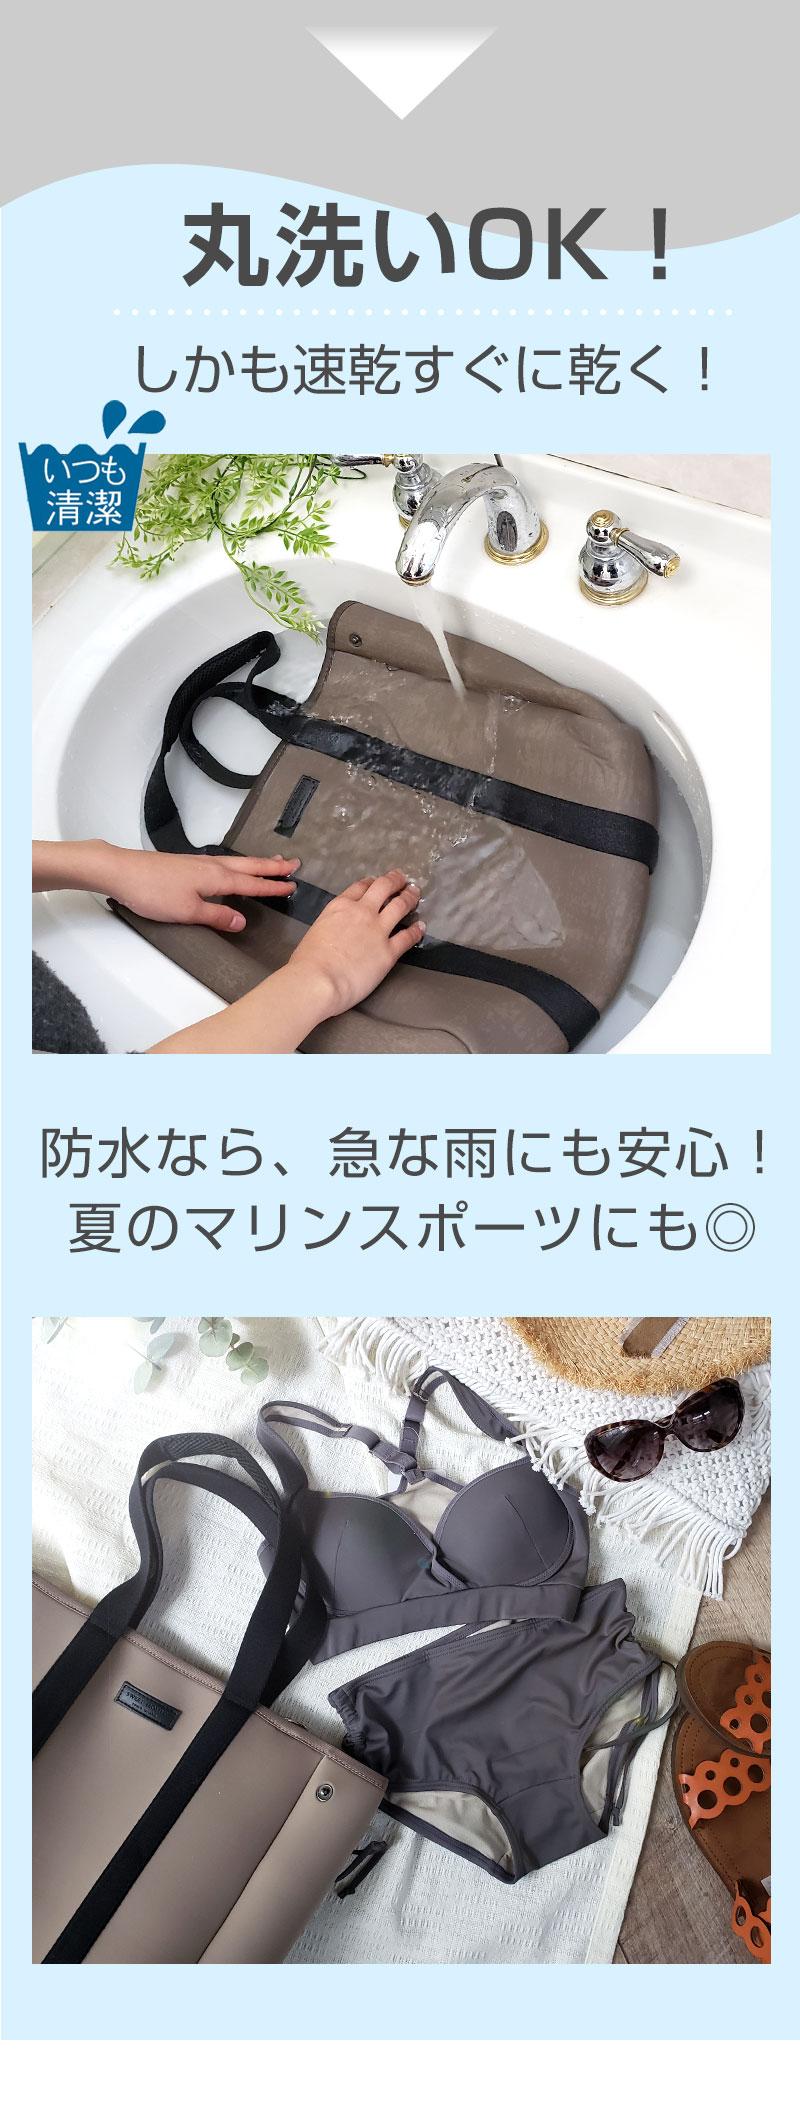 丸洗い 洗えるバッグ 洗濯